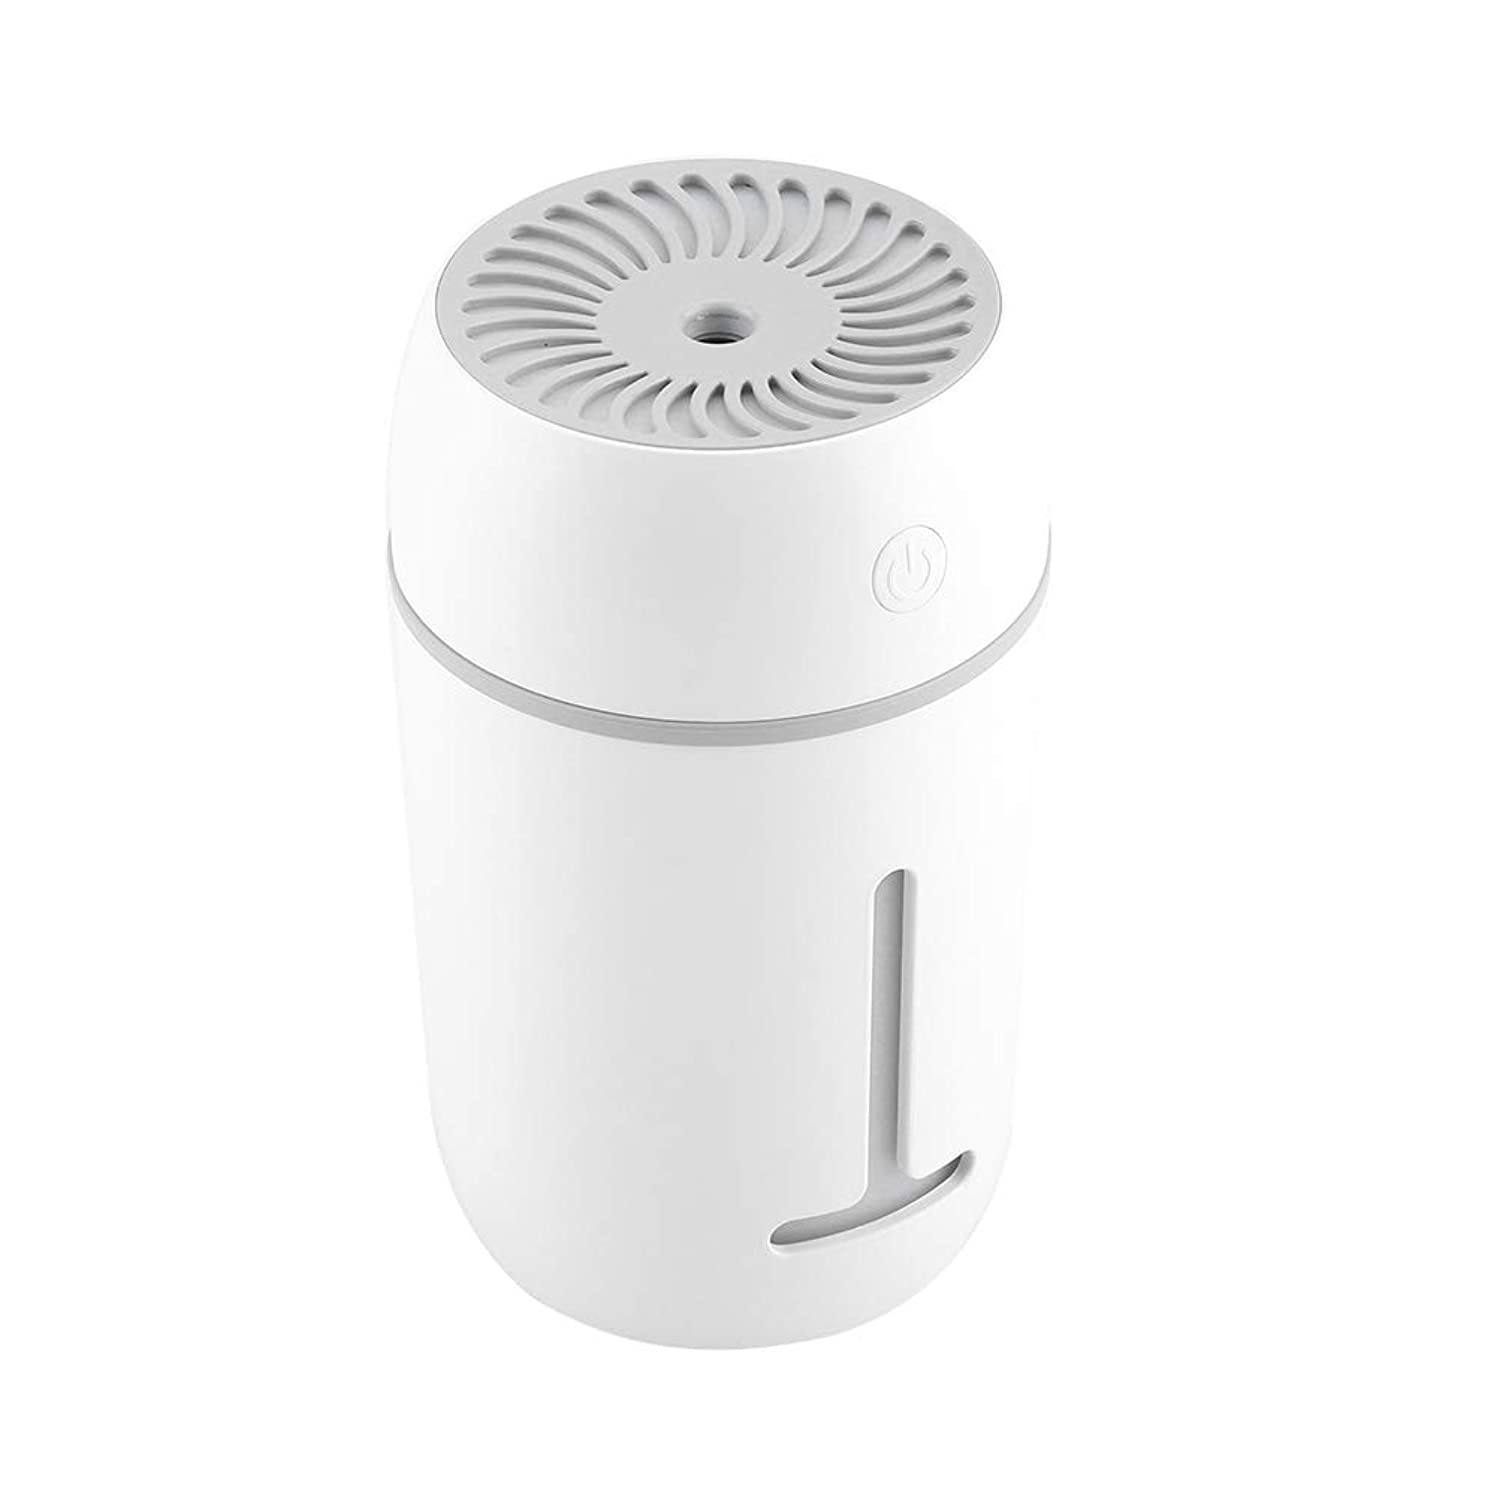 メロドラマティックアイロニーセグメント携帯用加湿器、車のオフィスのためのUSBの再充電可能な携帯用超音波加湿器の拡散器7色LEDライト